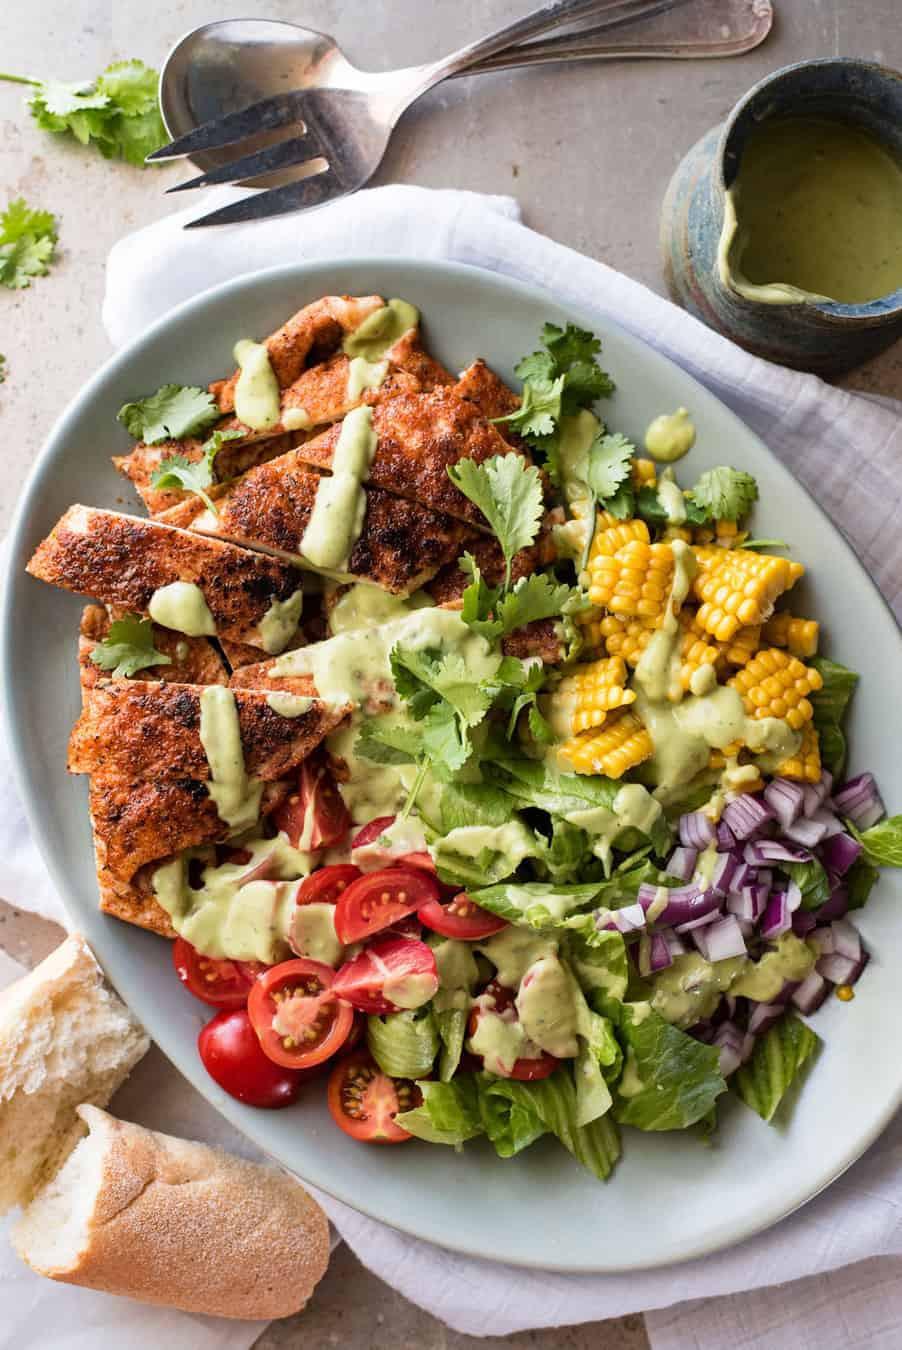 Healthy Chicken And Avocado Recipes  Chicken Salad with Avocado Dressing